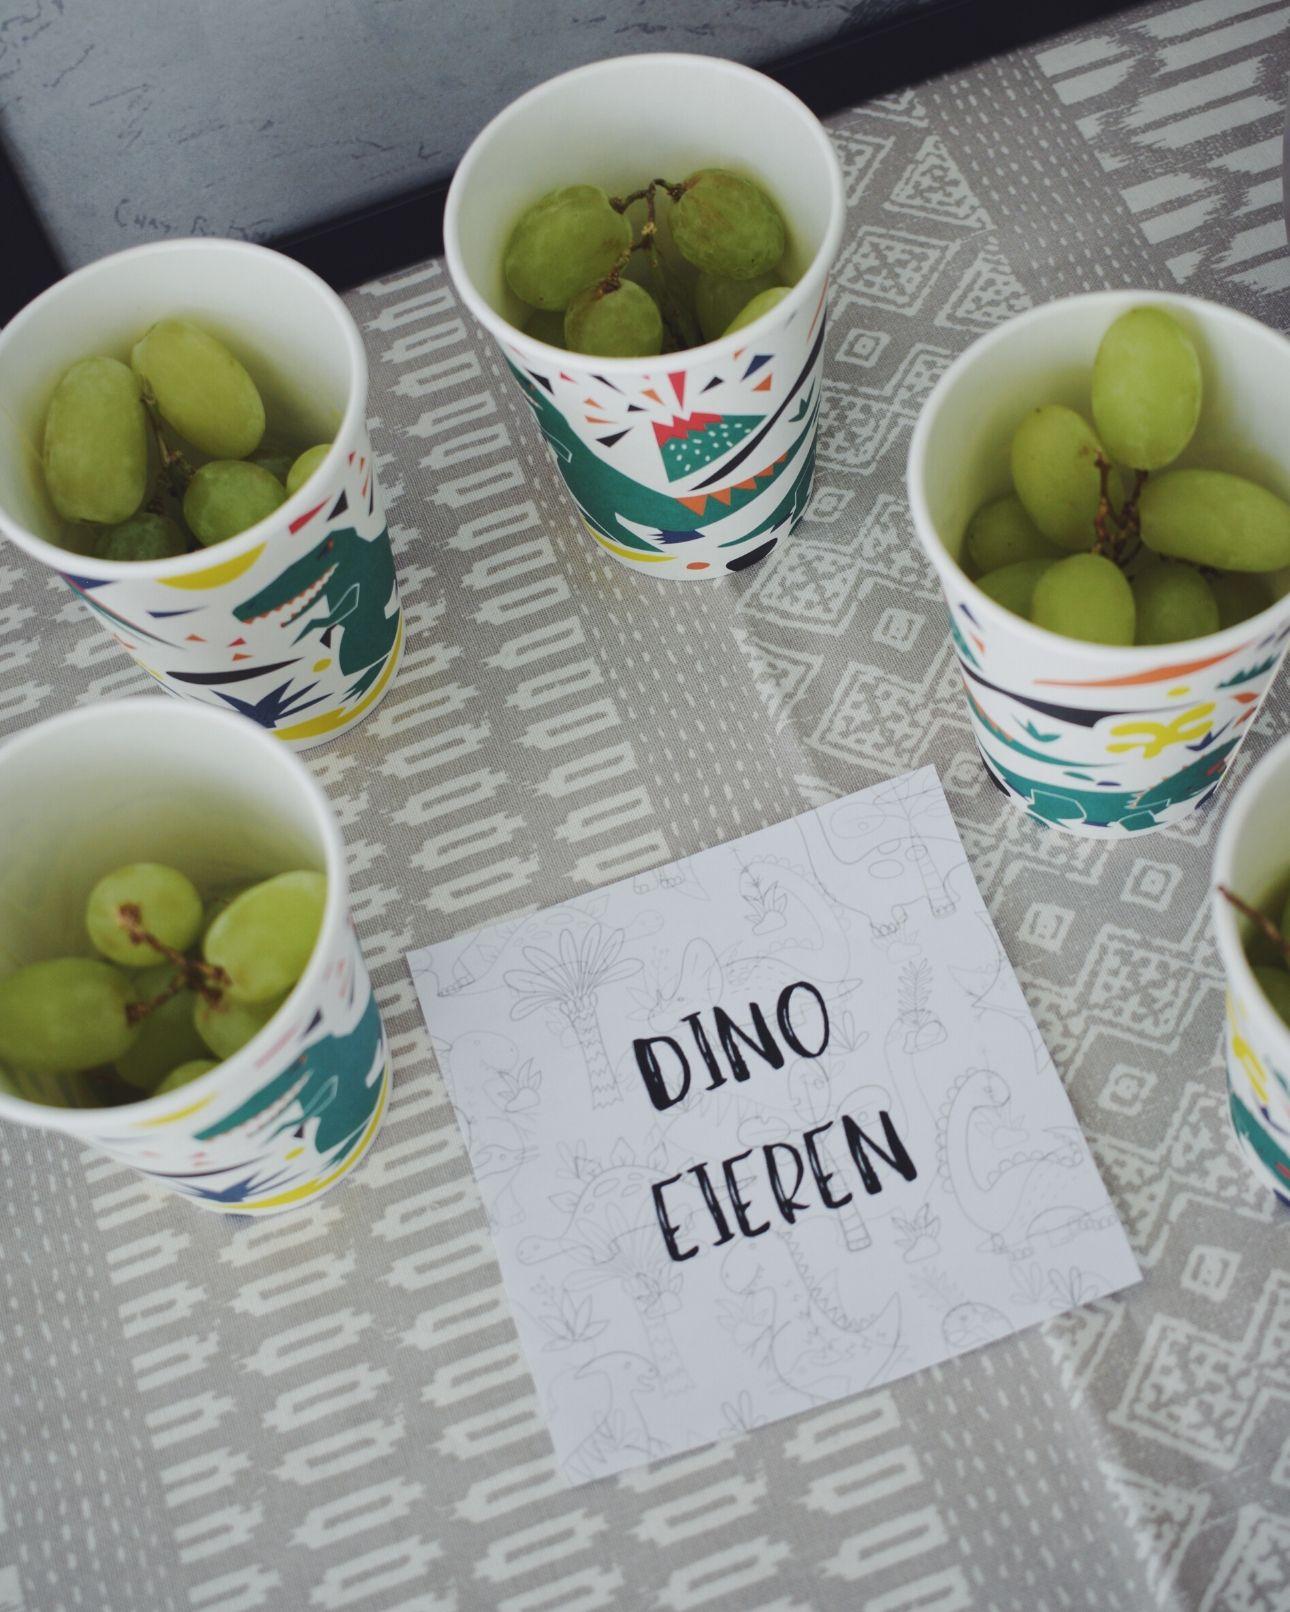 Dino feest dino eieren druiven